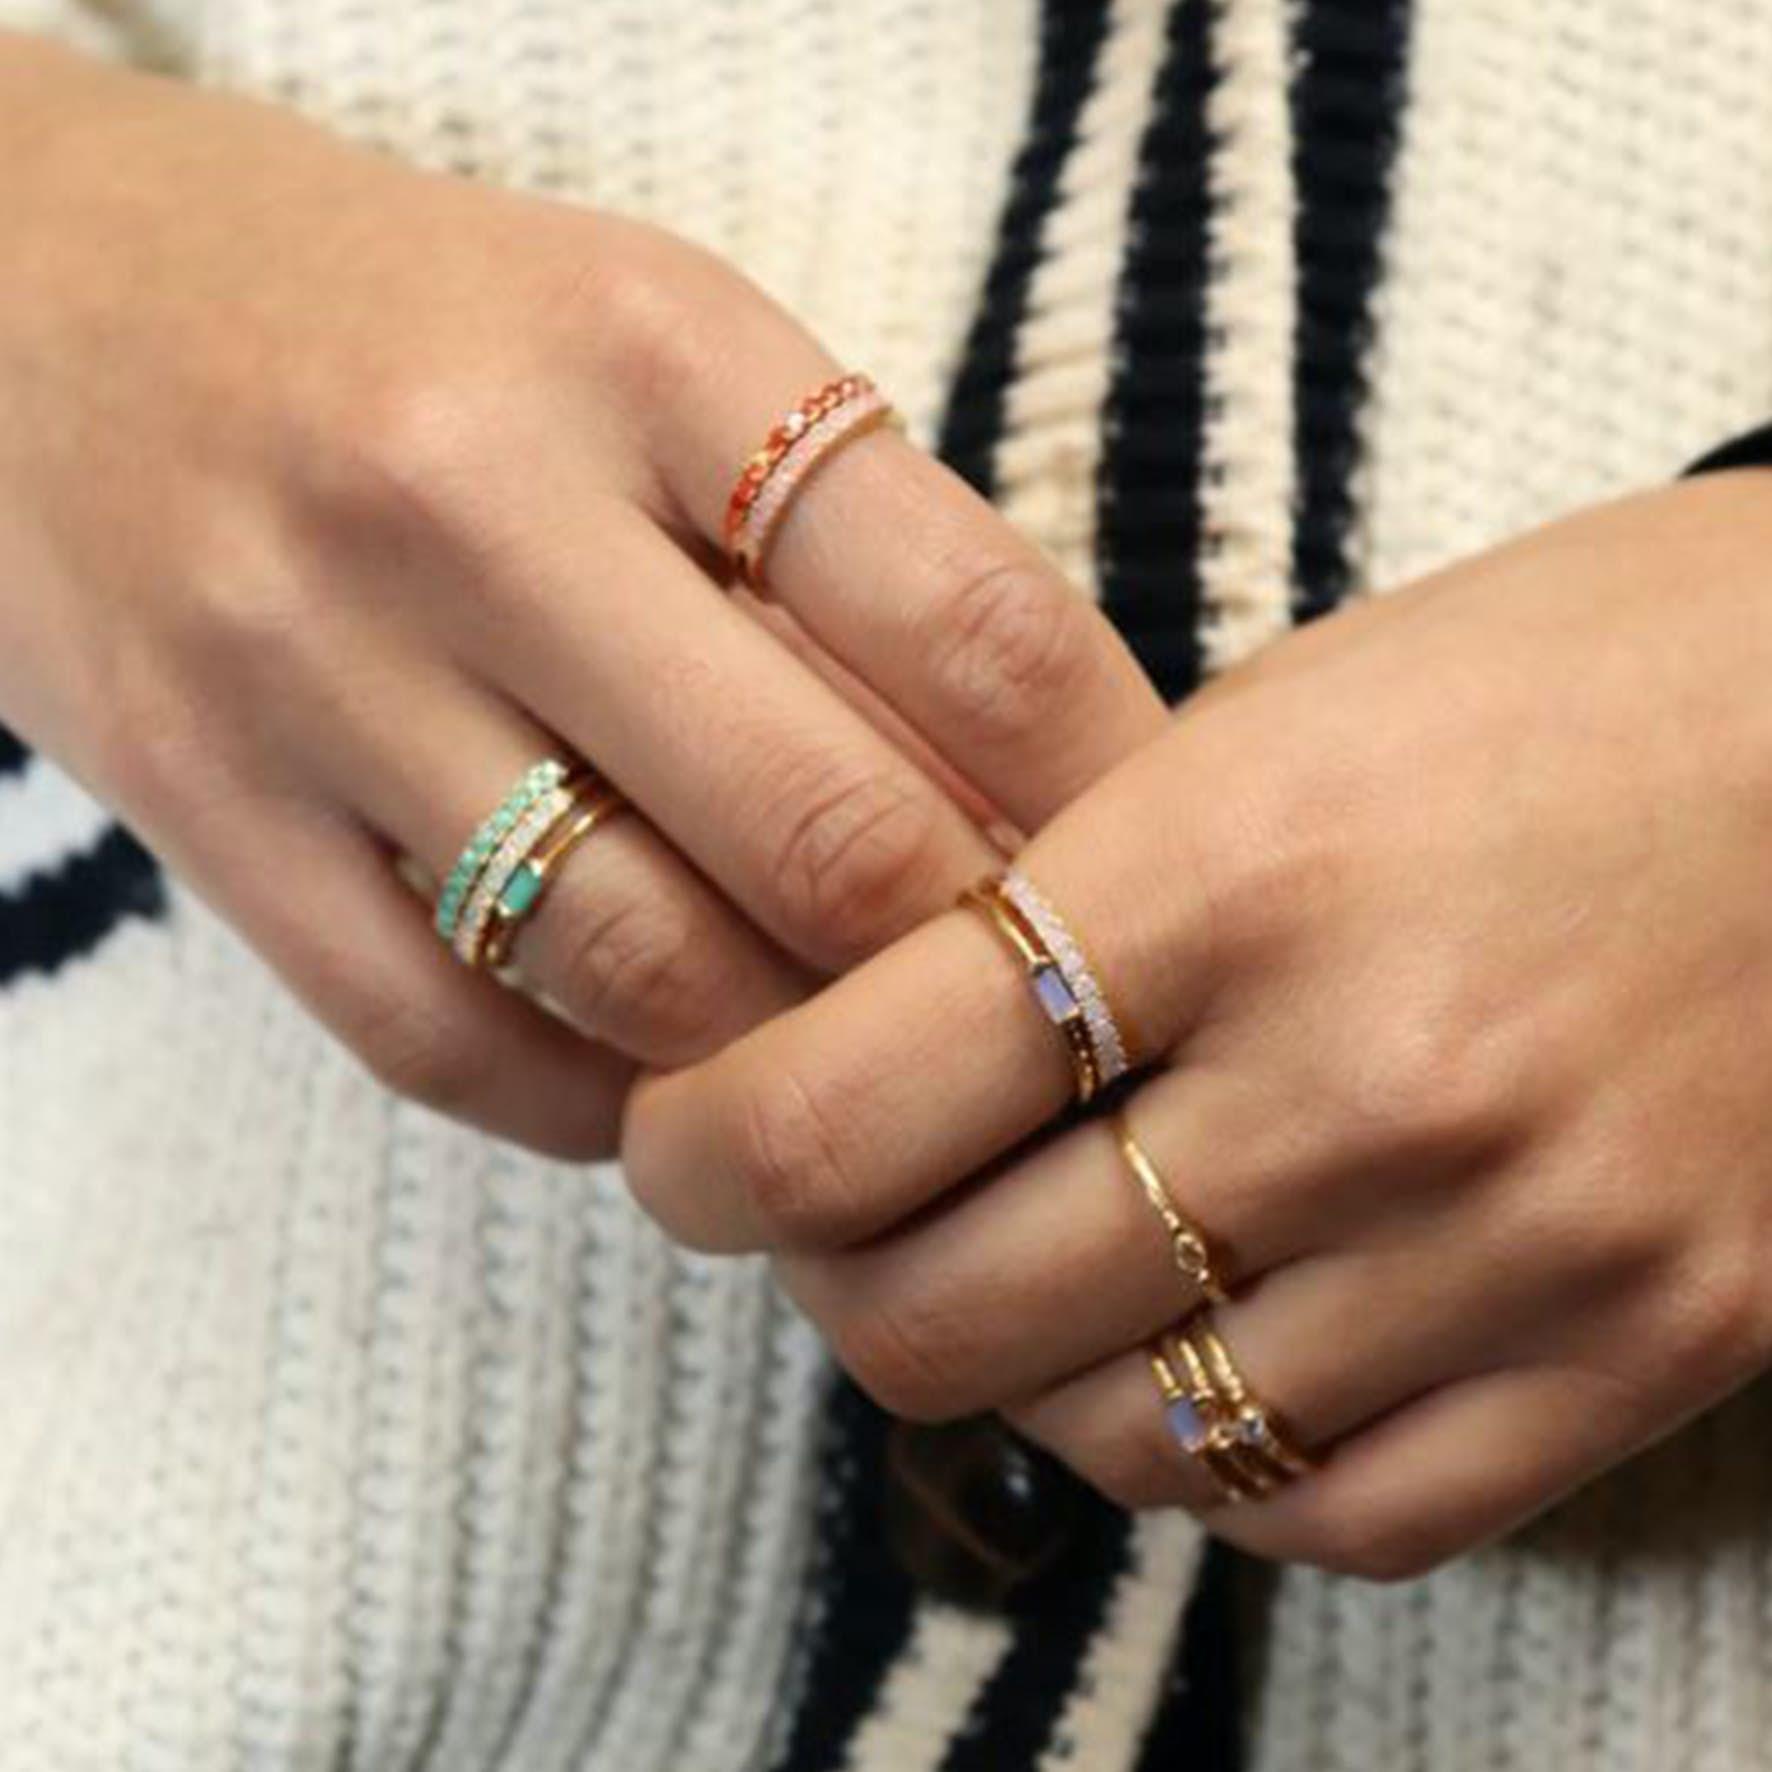 Fineley Crystal Ring från Pico i Förgyllt-Silver Sterling 925|Mint